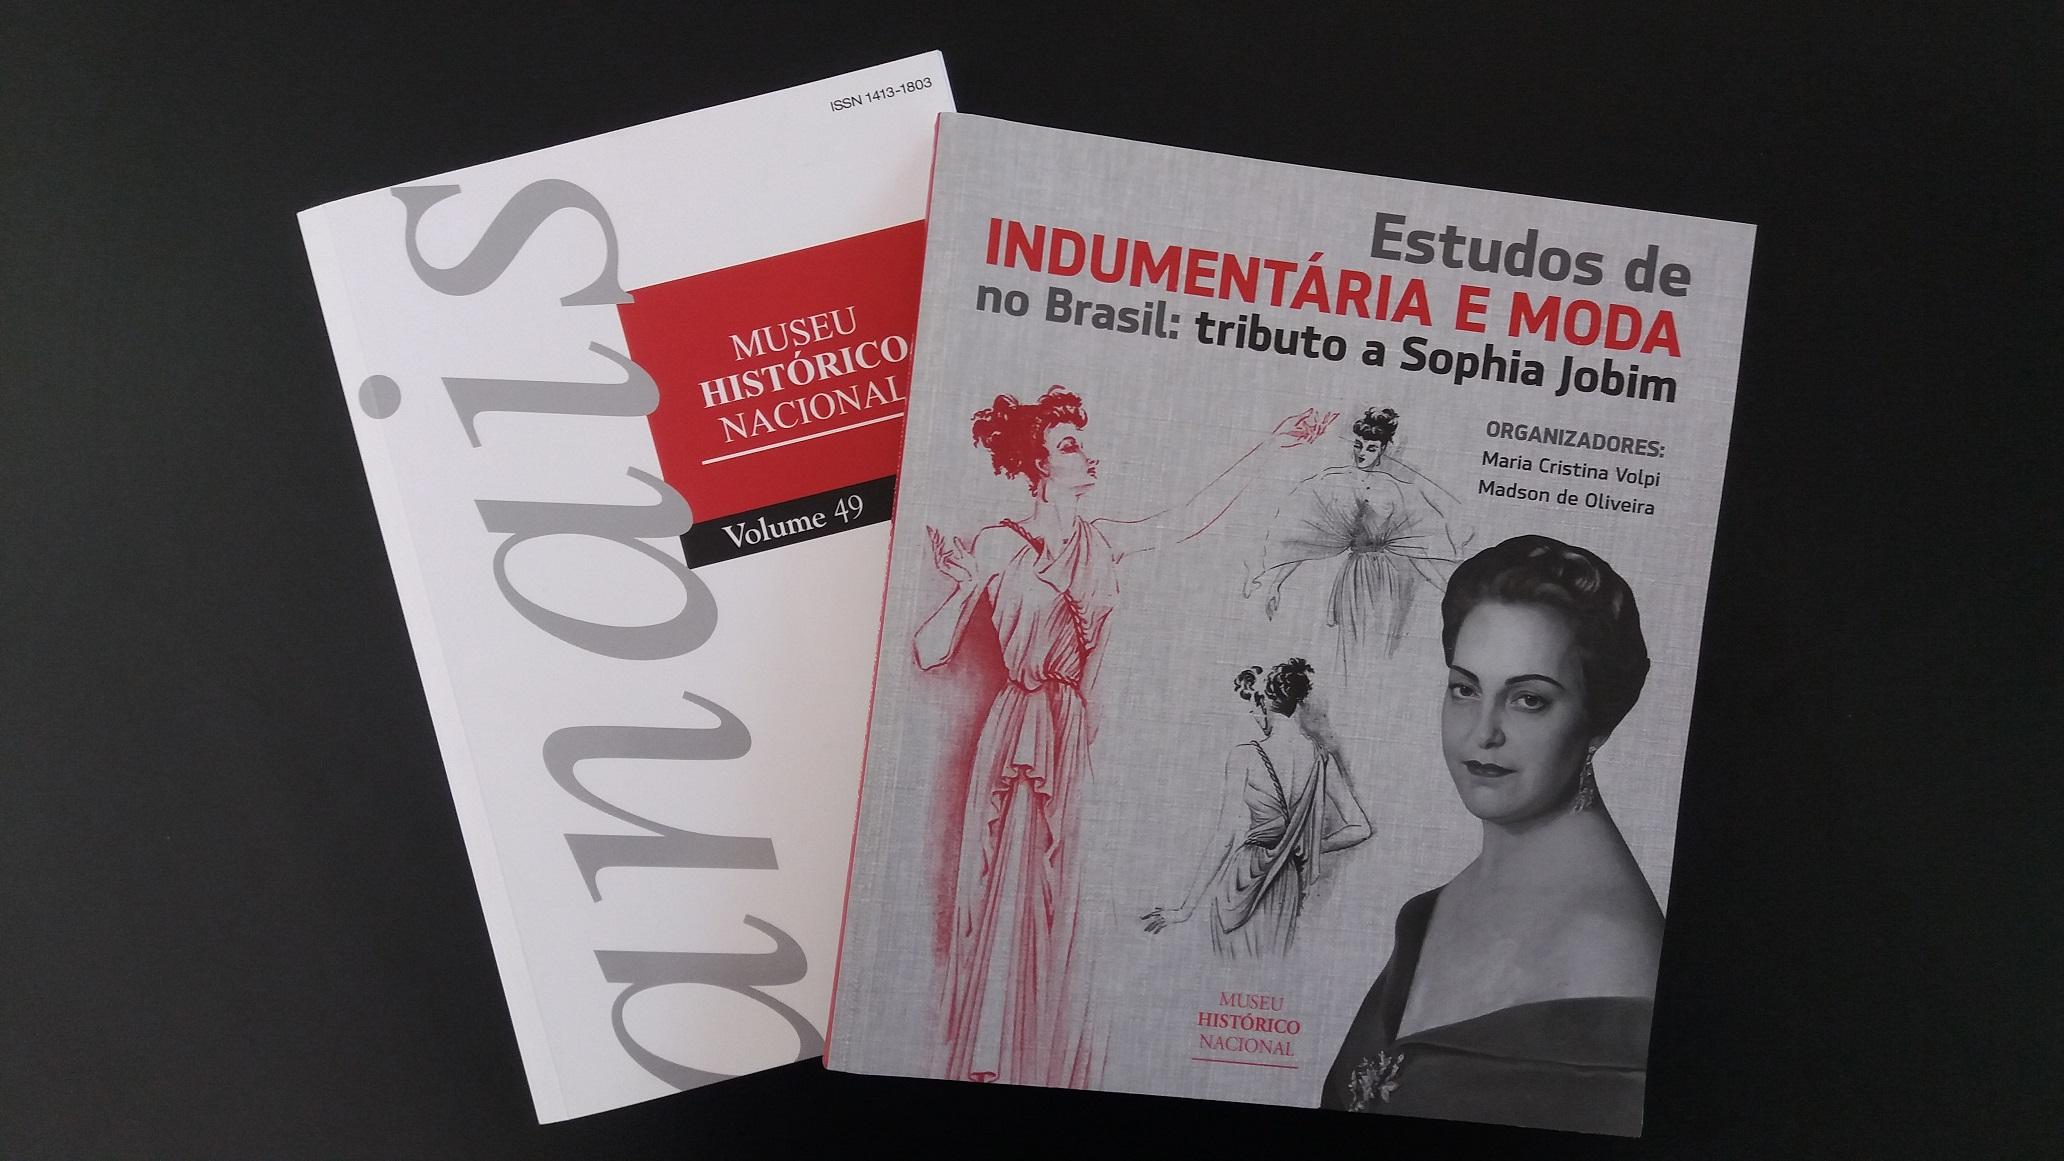 Primavera dos Museus 2019: no dia 26 de setembro, o MHN apresenta duas novas publicações impressas